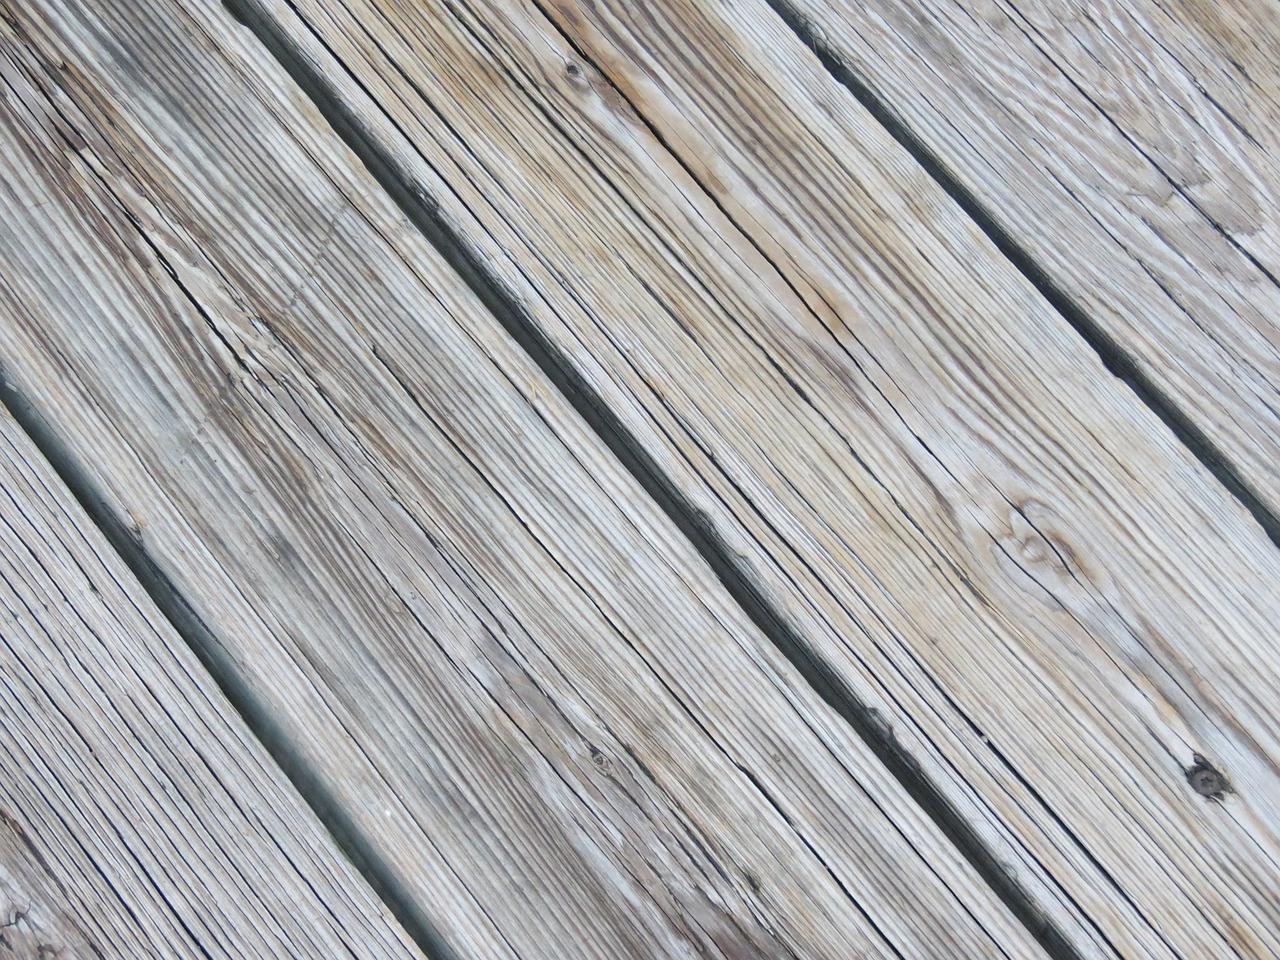 En grundig gulvslibning gør kål på de grimme skjolder og pletter